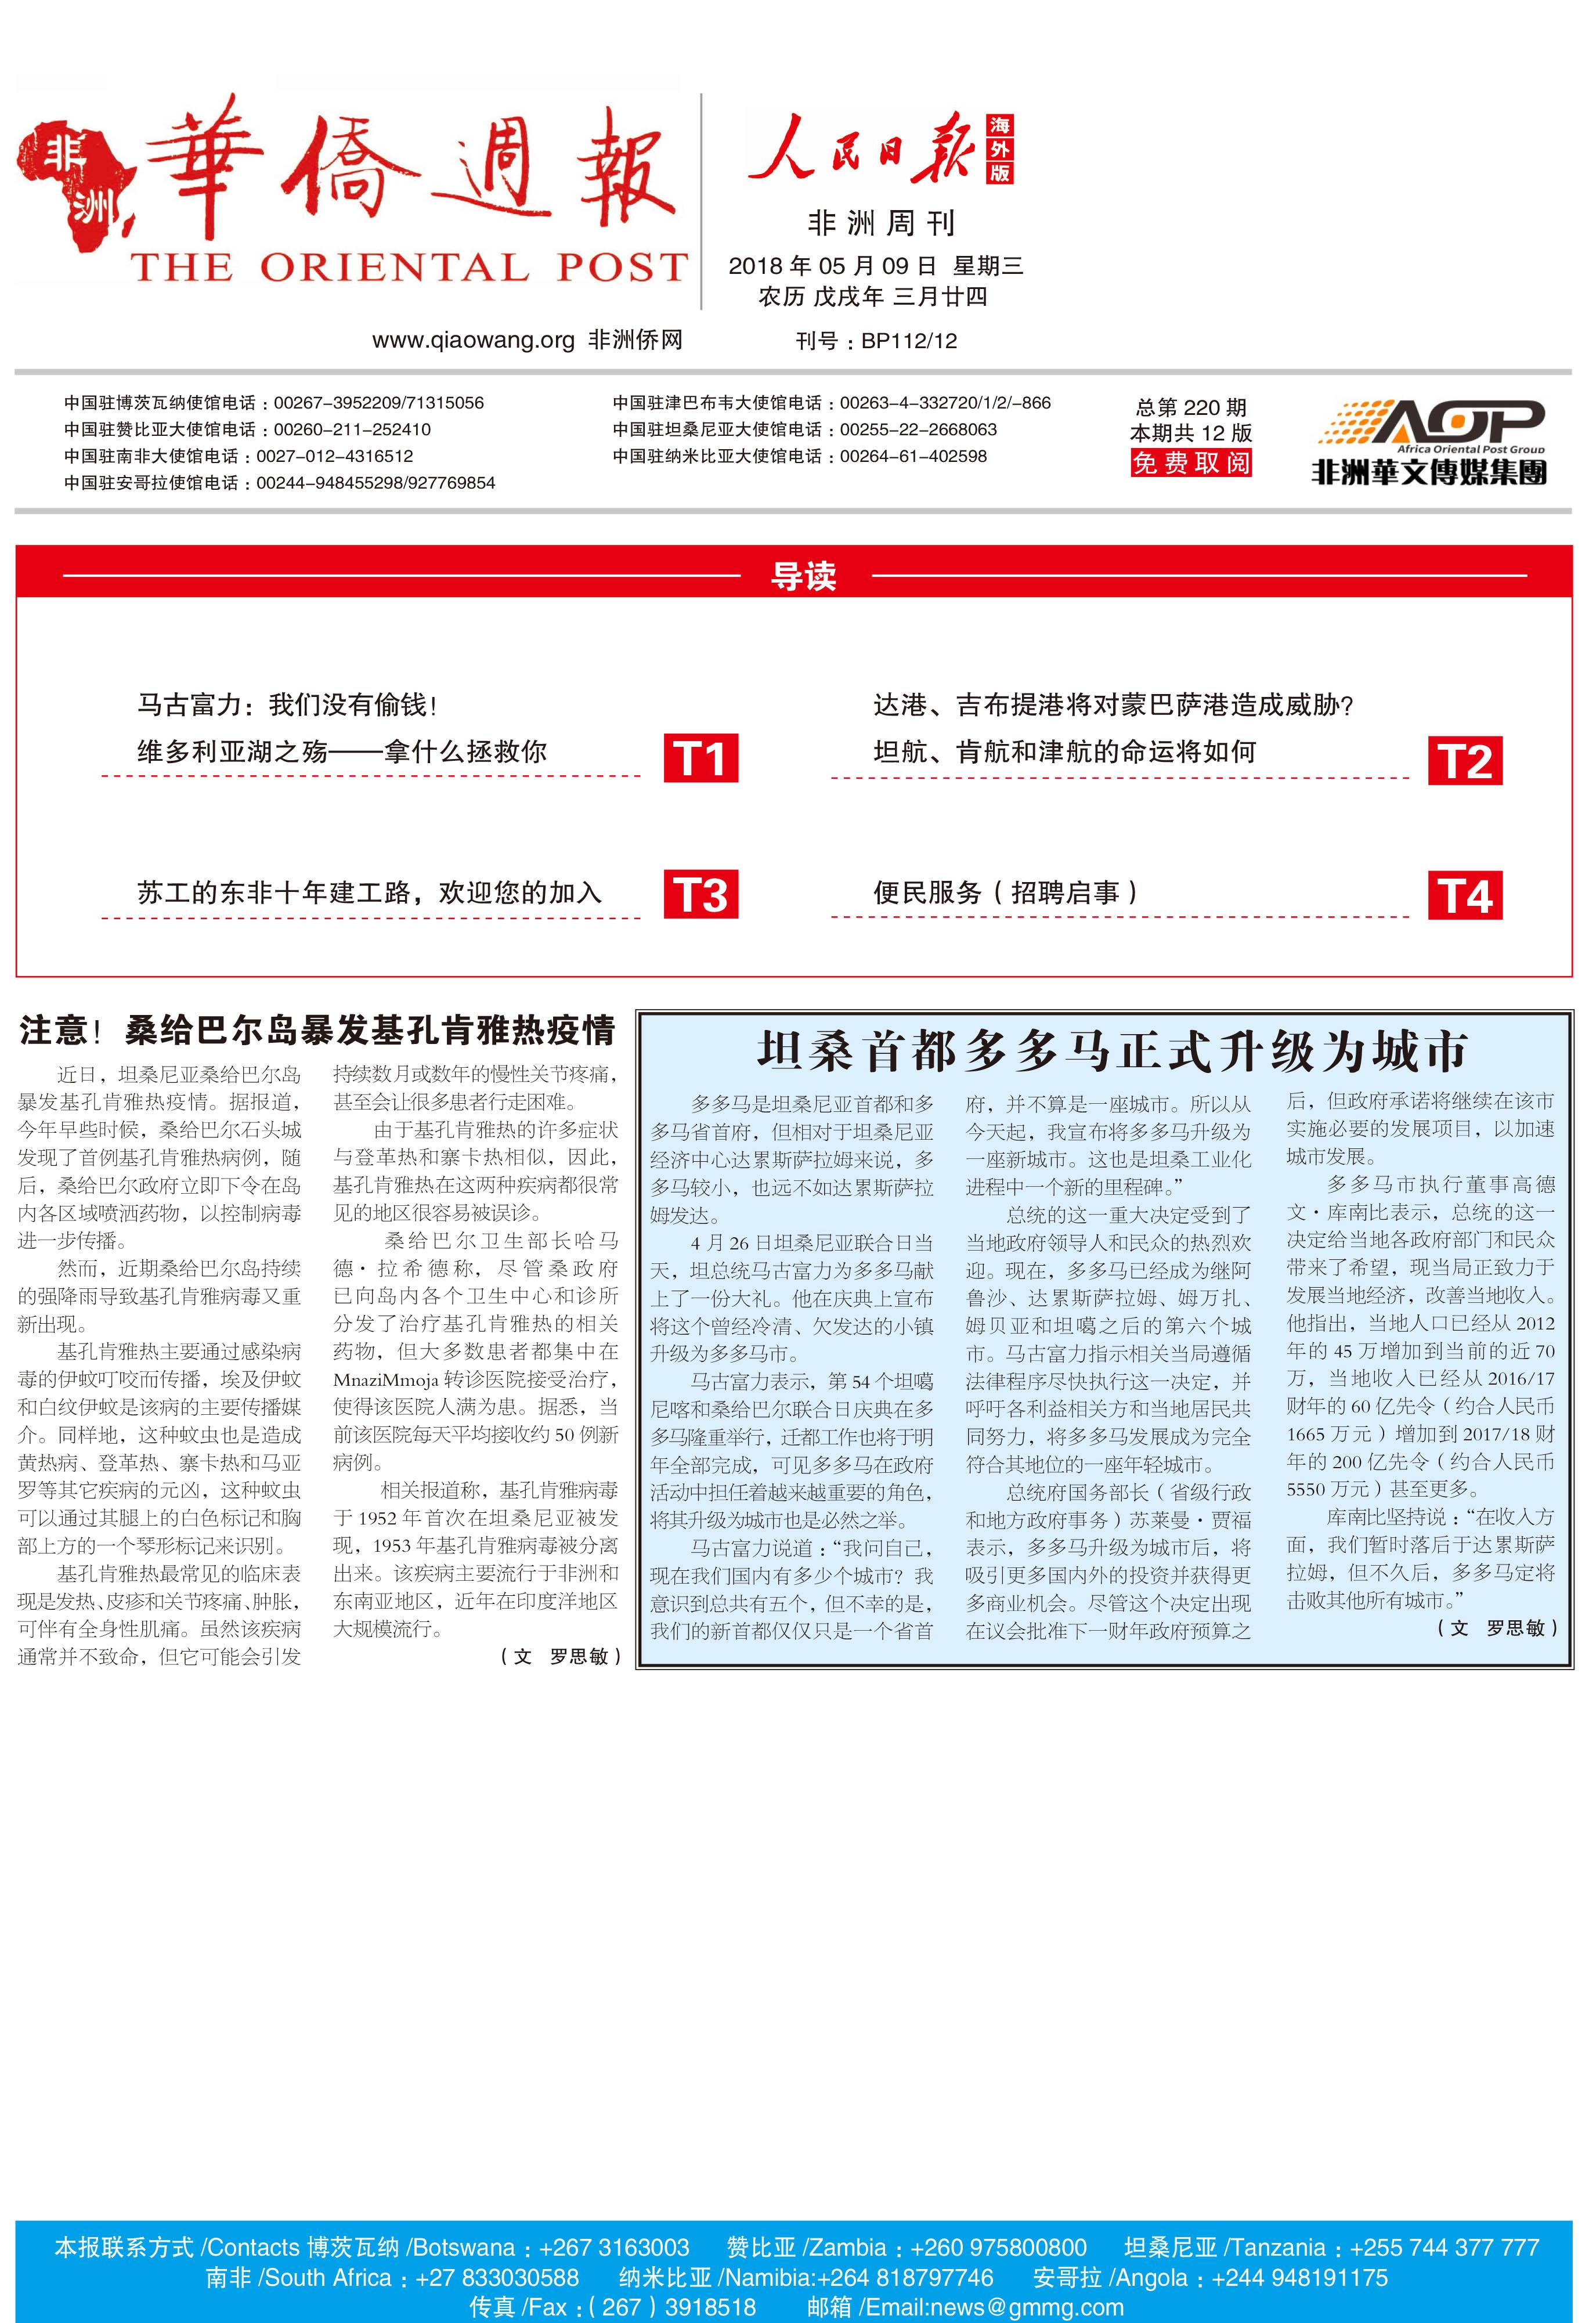 非洲《华侨周报》220期